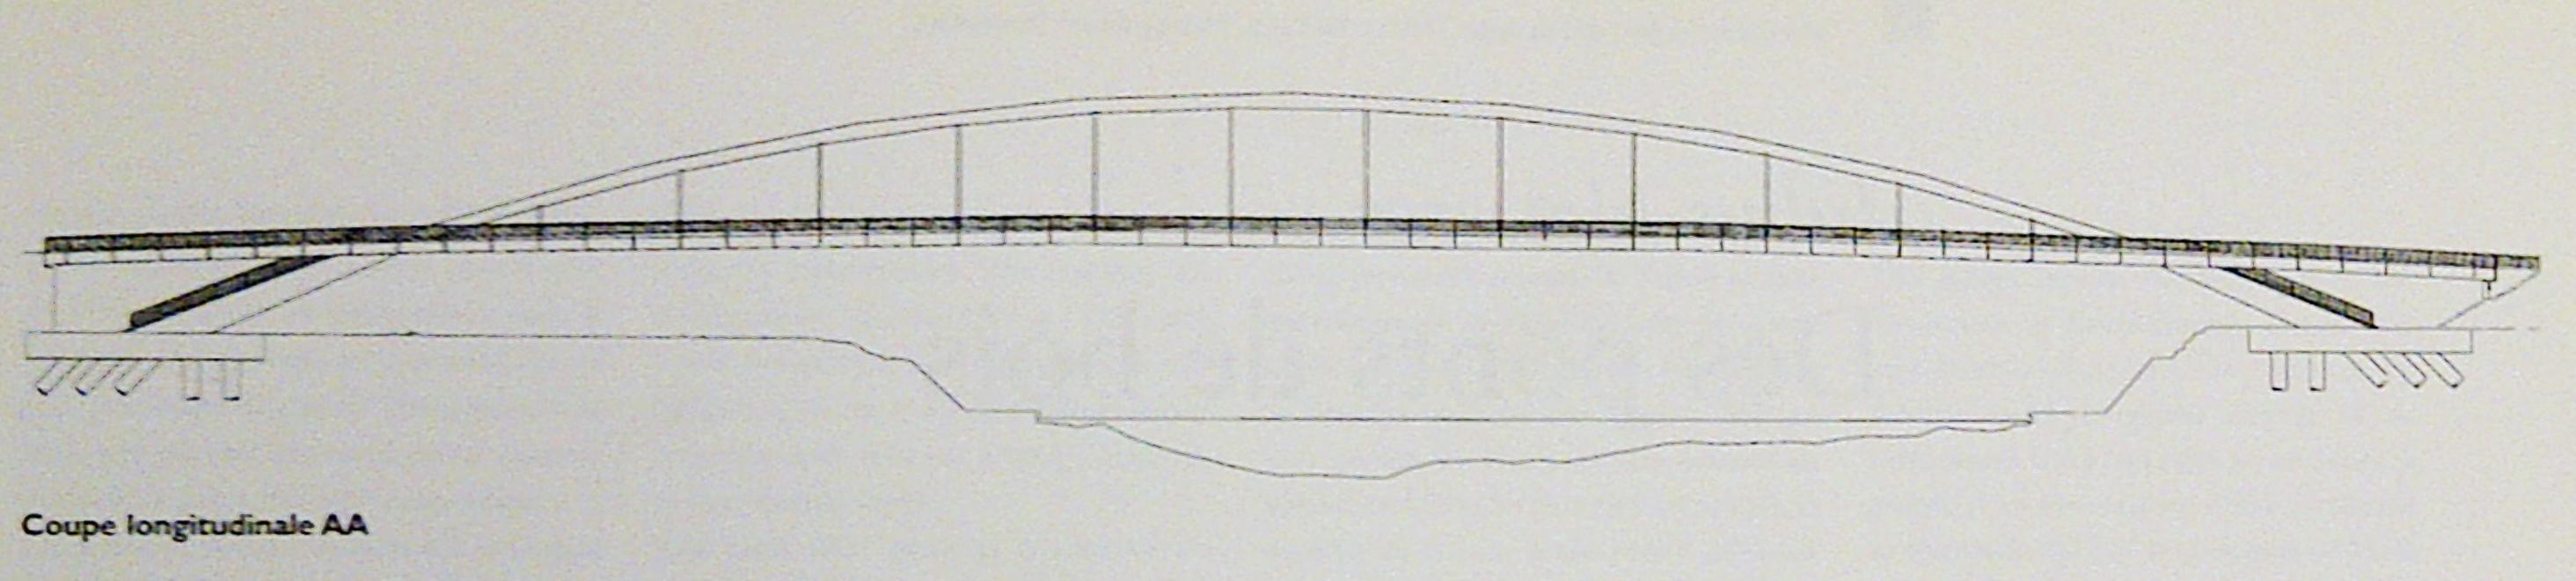 Archidiap ponte della musica for Disegni di ponte anteriore